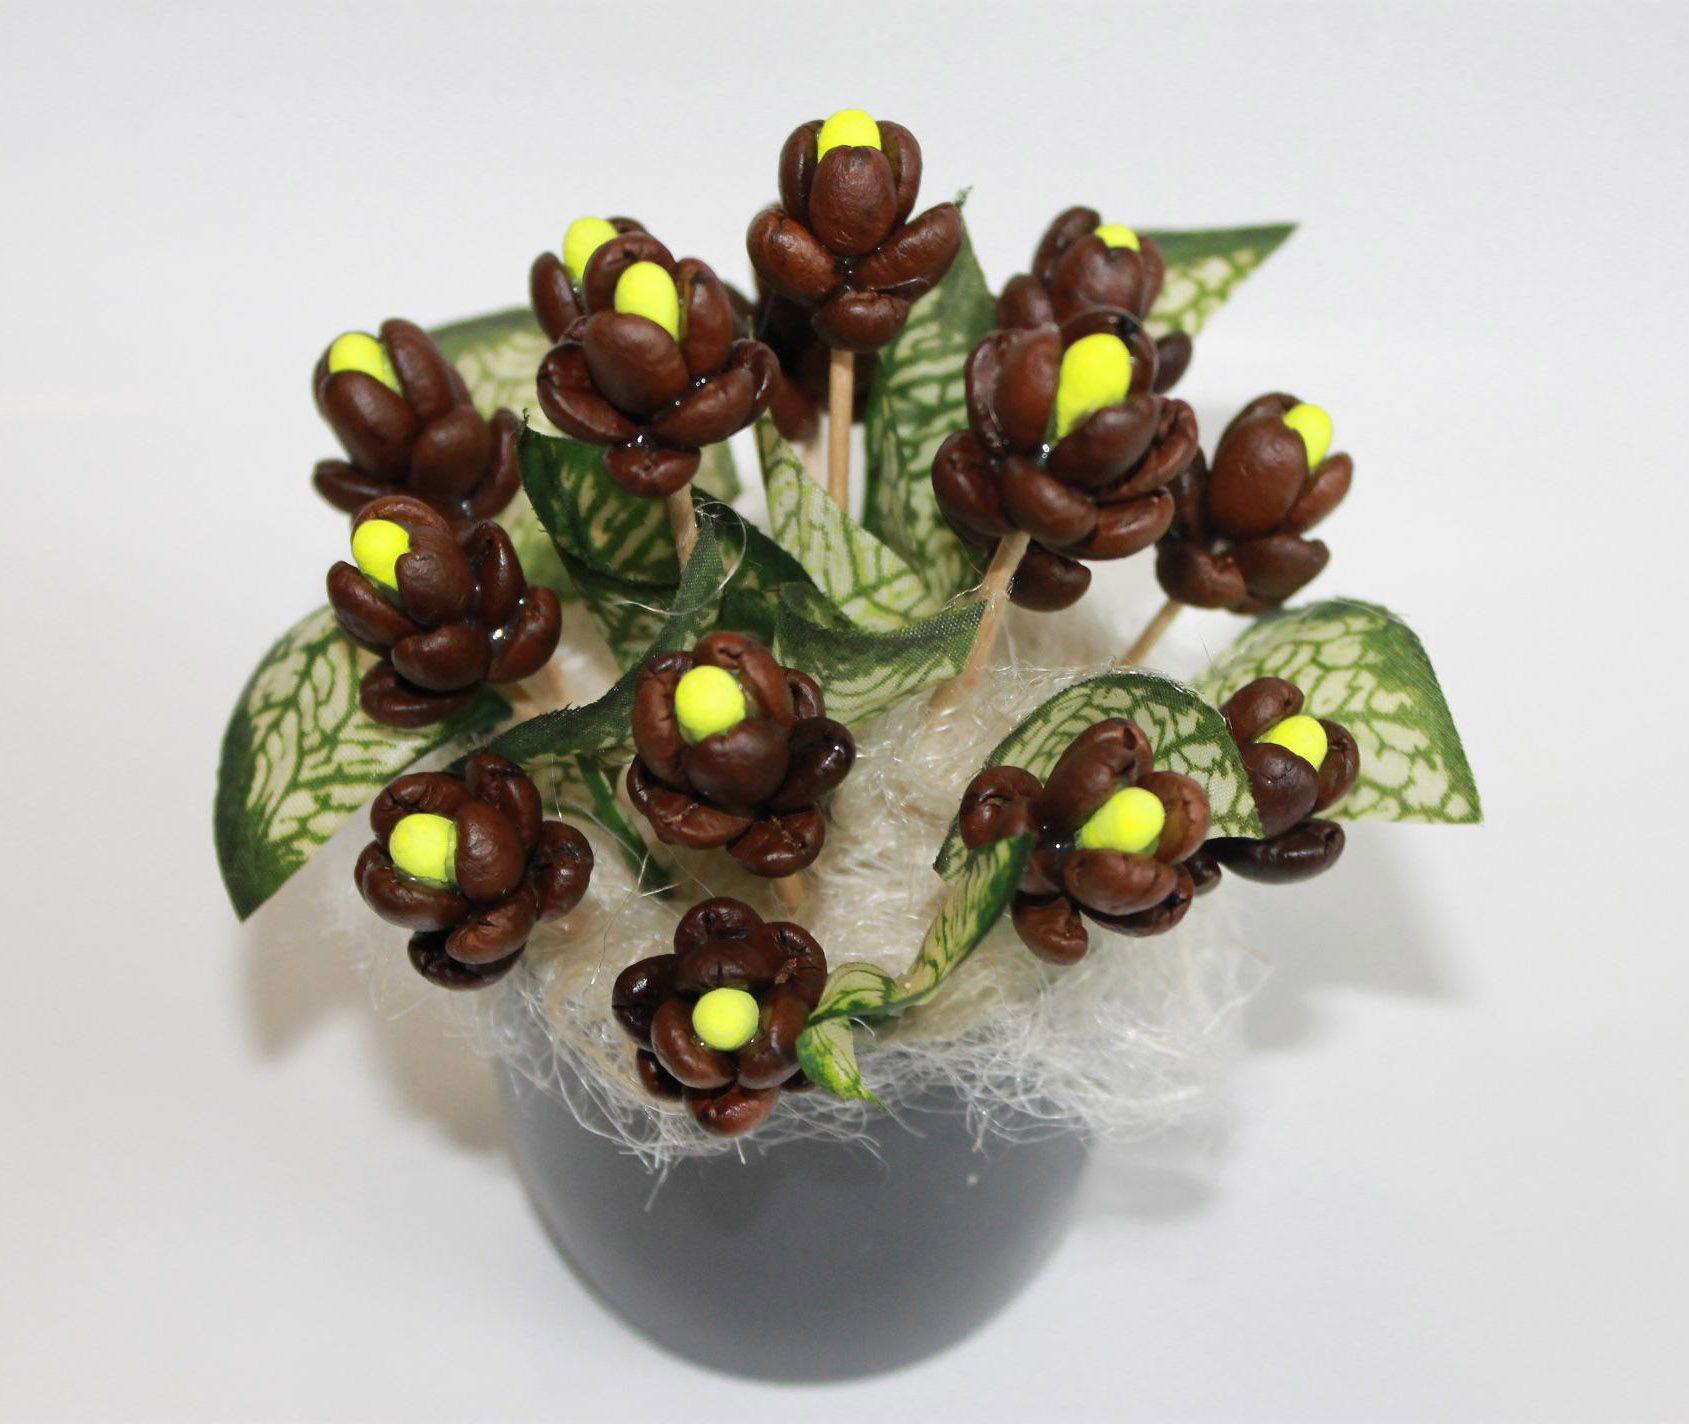 топиарий из кофейных зерен, что символизирует